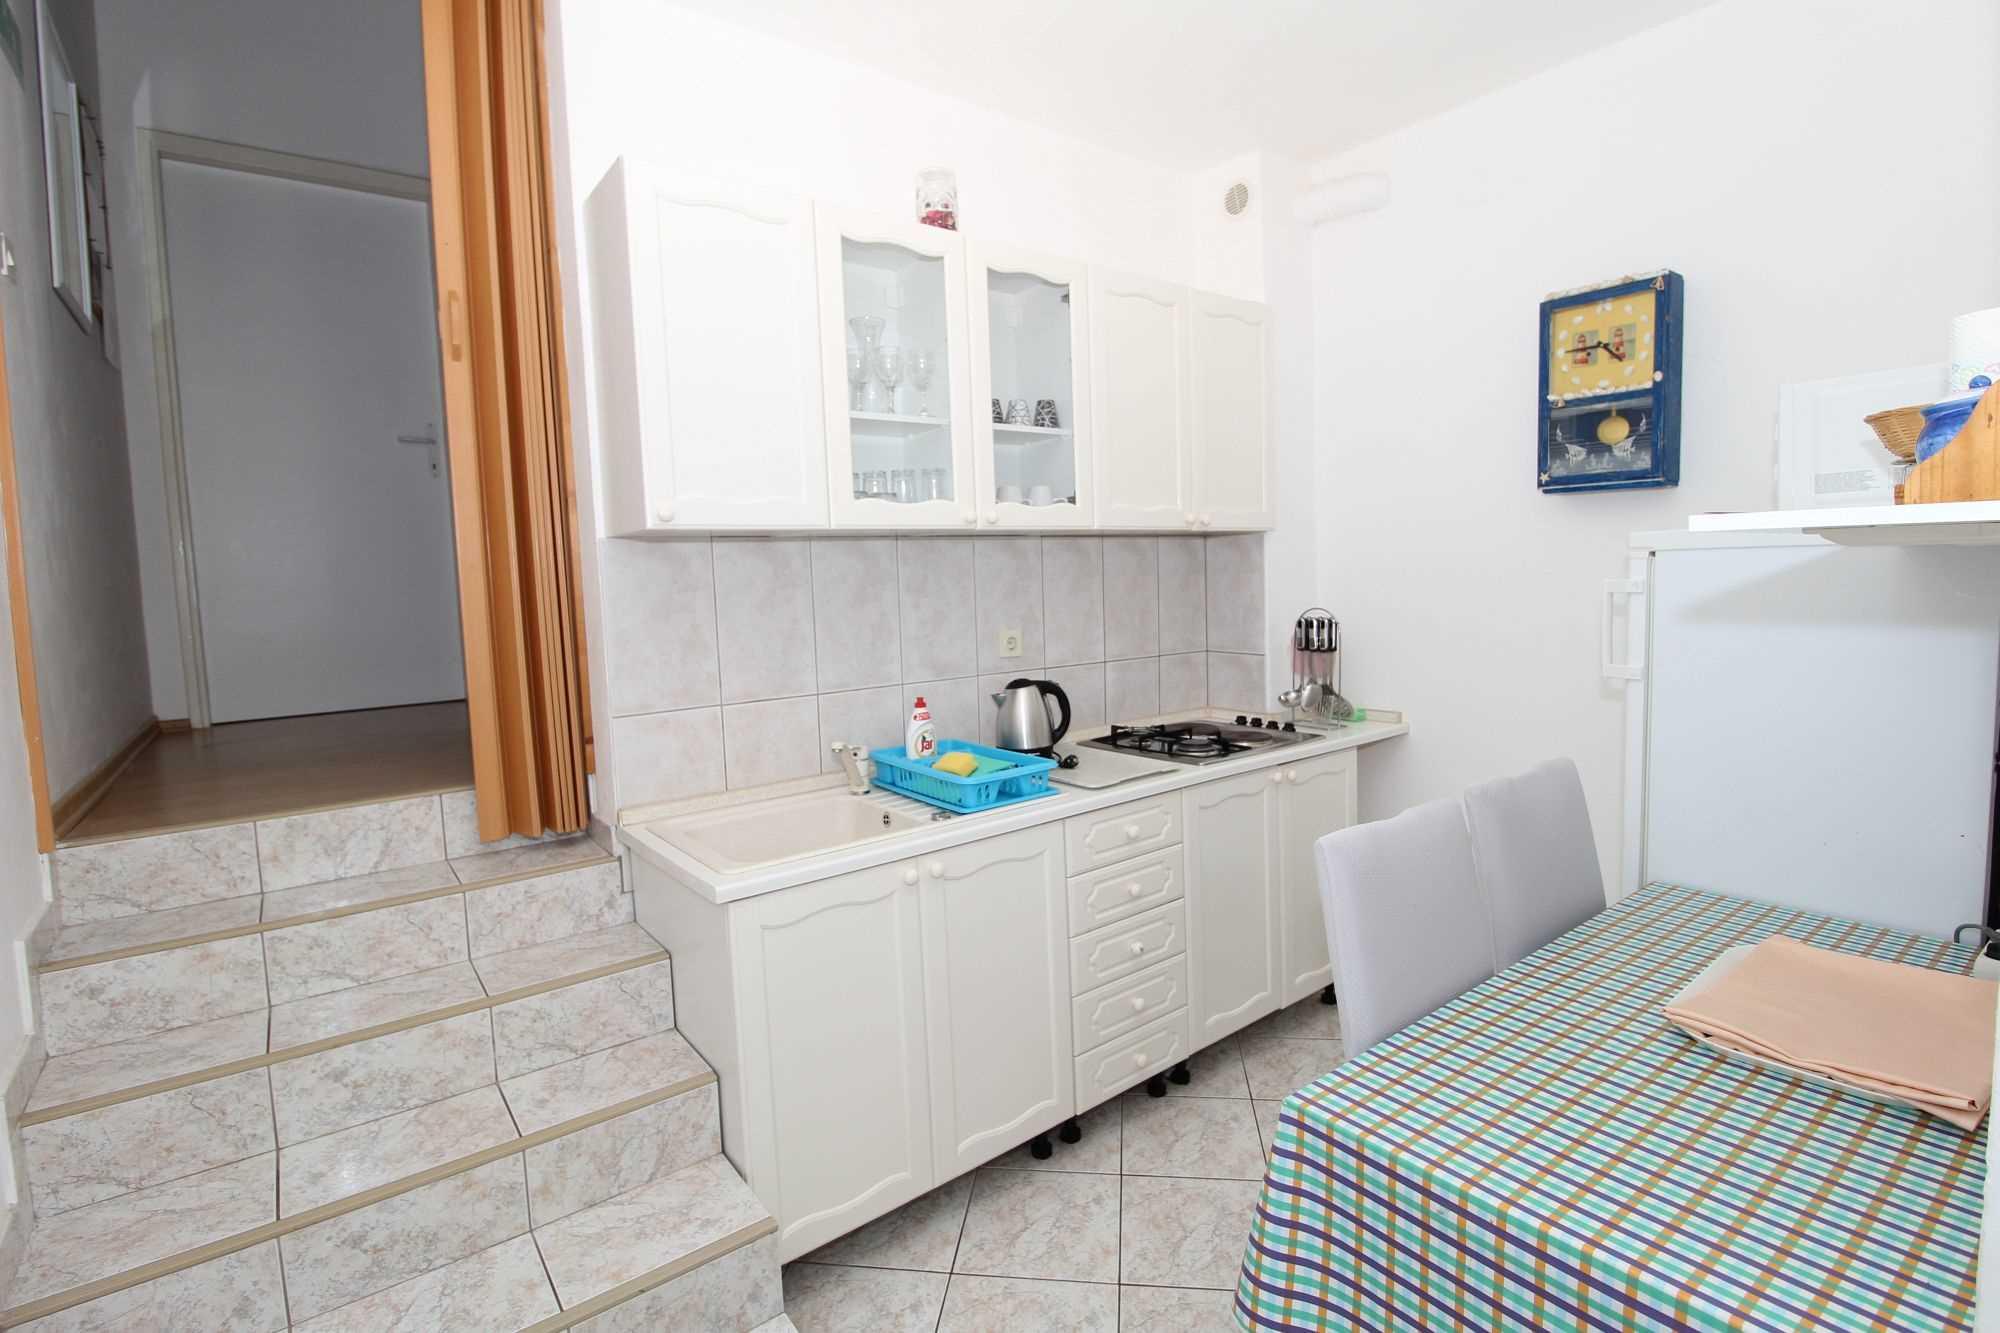 Leiligheter DVORSKI  02 9077, Mandre, Pag, Zadar-regionen